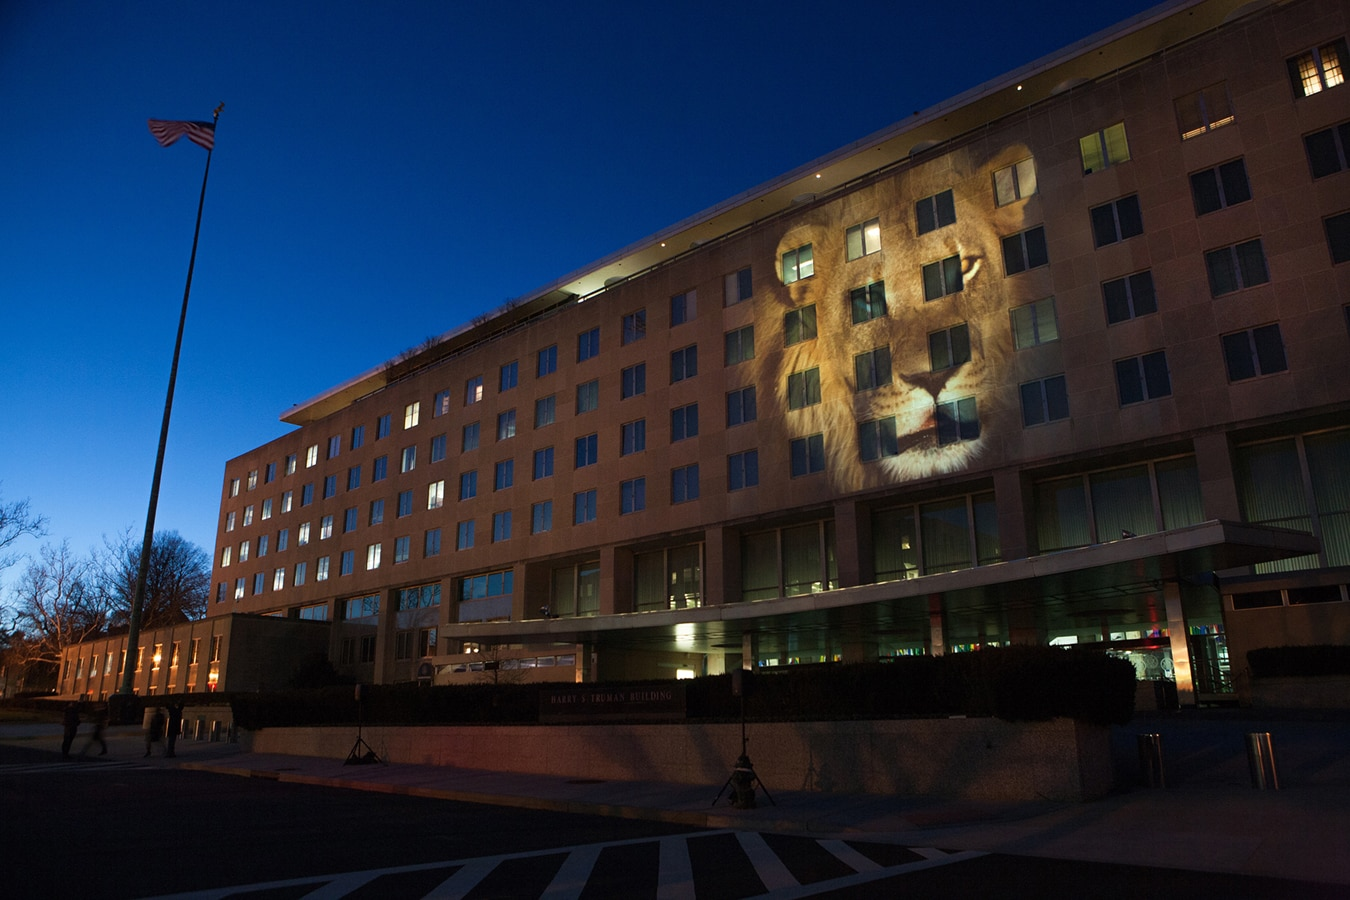 Foto de león proyectada en fachada de un edificio (Depto. de Estado/D.A. Peterson)